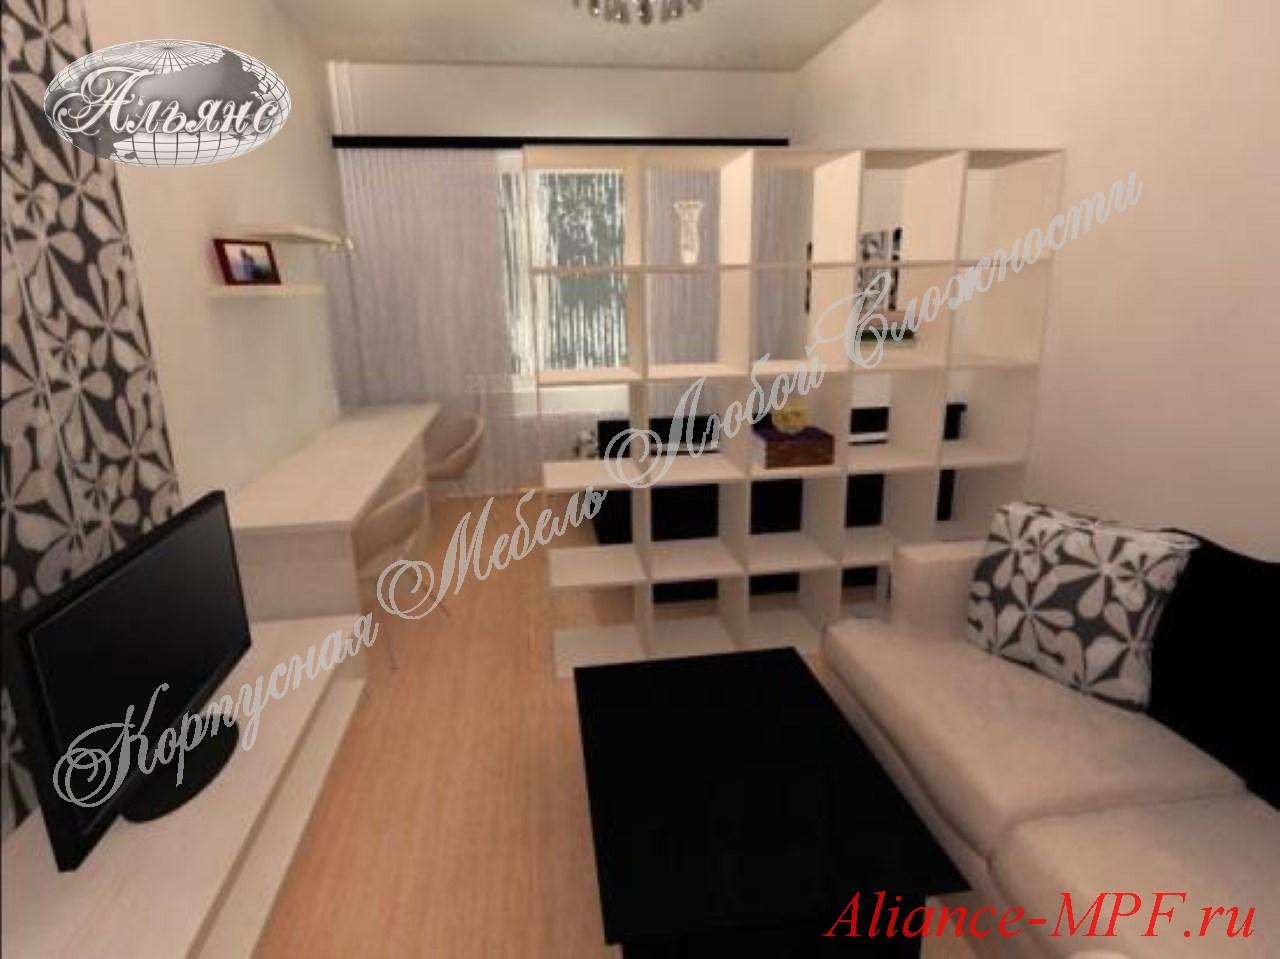 Фото гостиных совмещенных с кухней, столовой, спальней, прих.